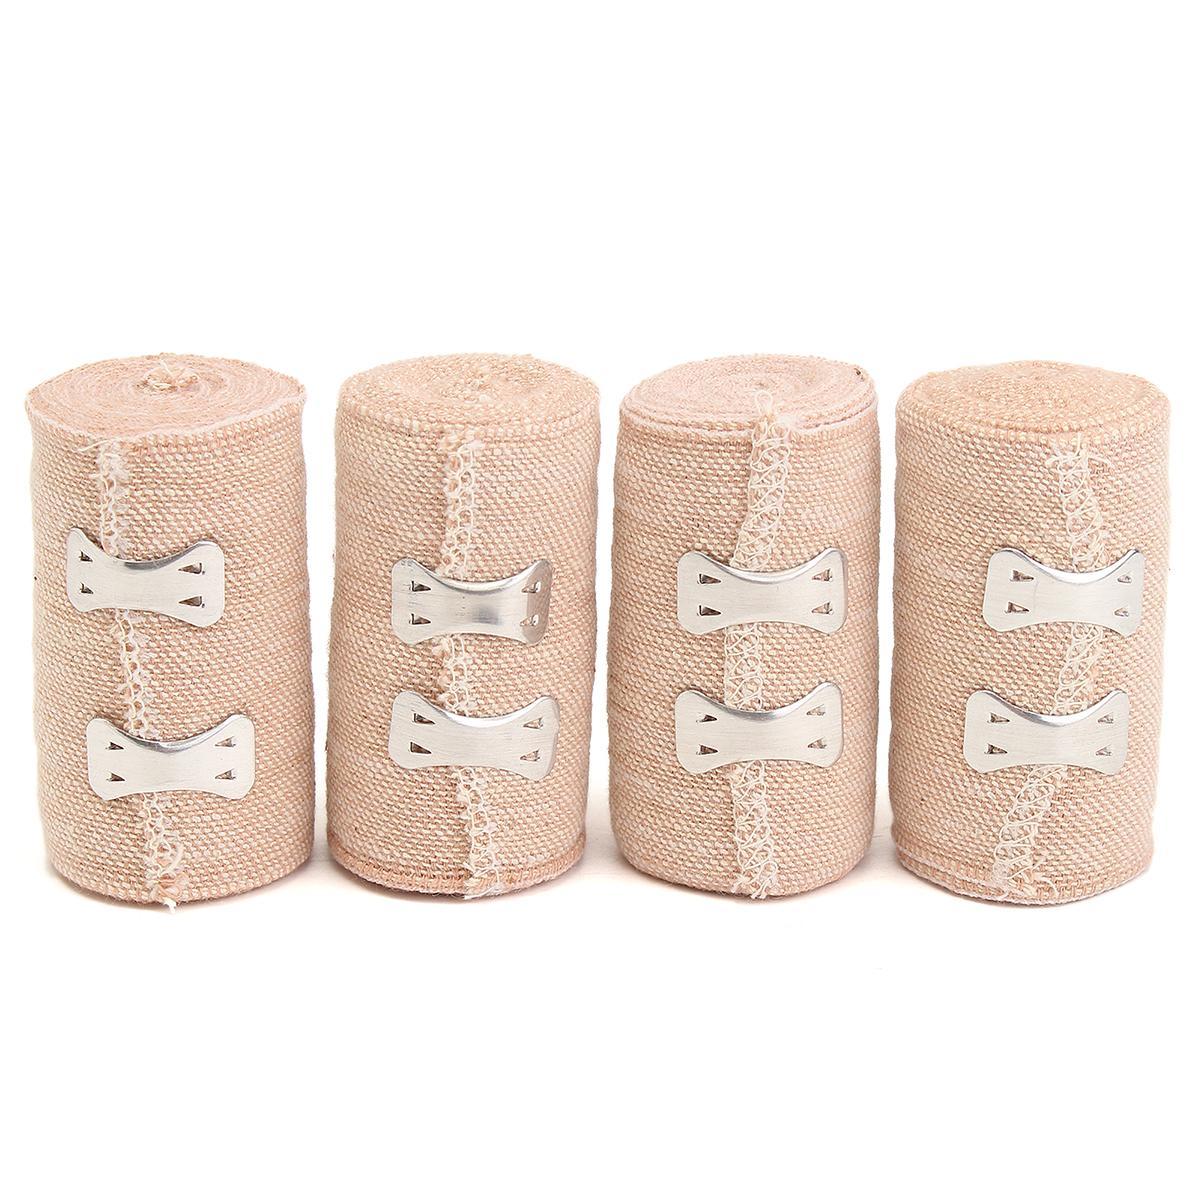 Safurance 4 Rolls 15ft Crepe Bandage Hook Closure Rubber Elastic Bandage 5 Yds 4.5M Emergency Kits Treatment